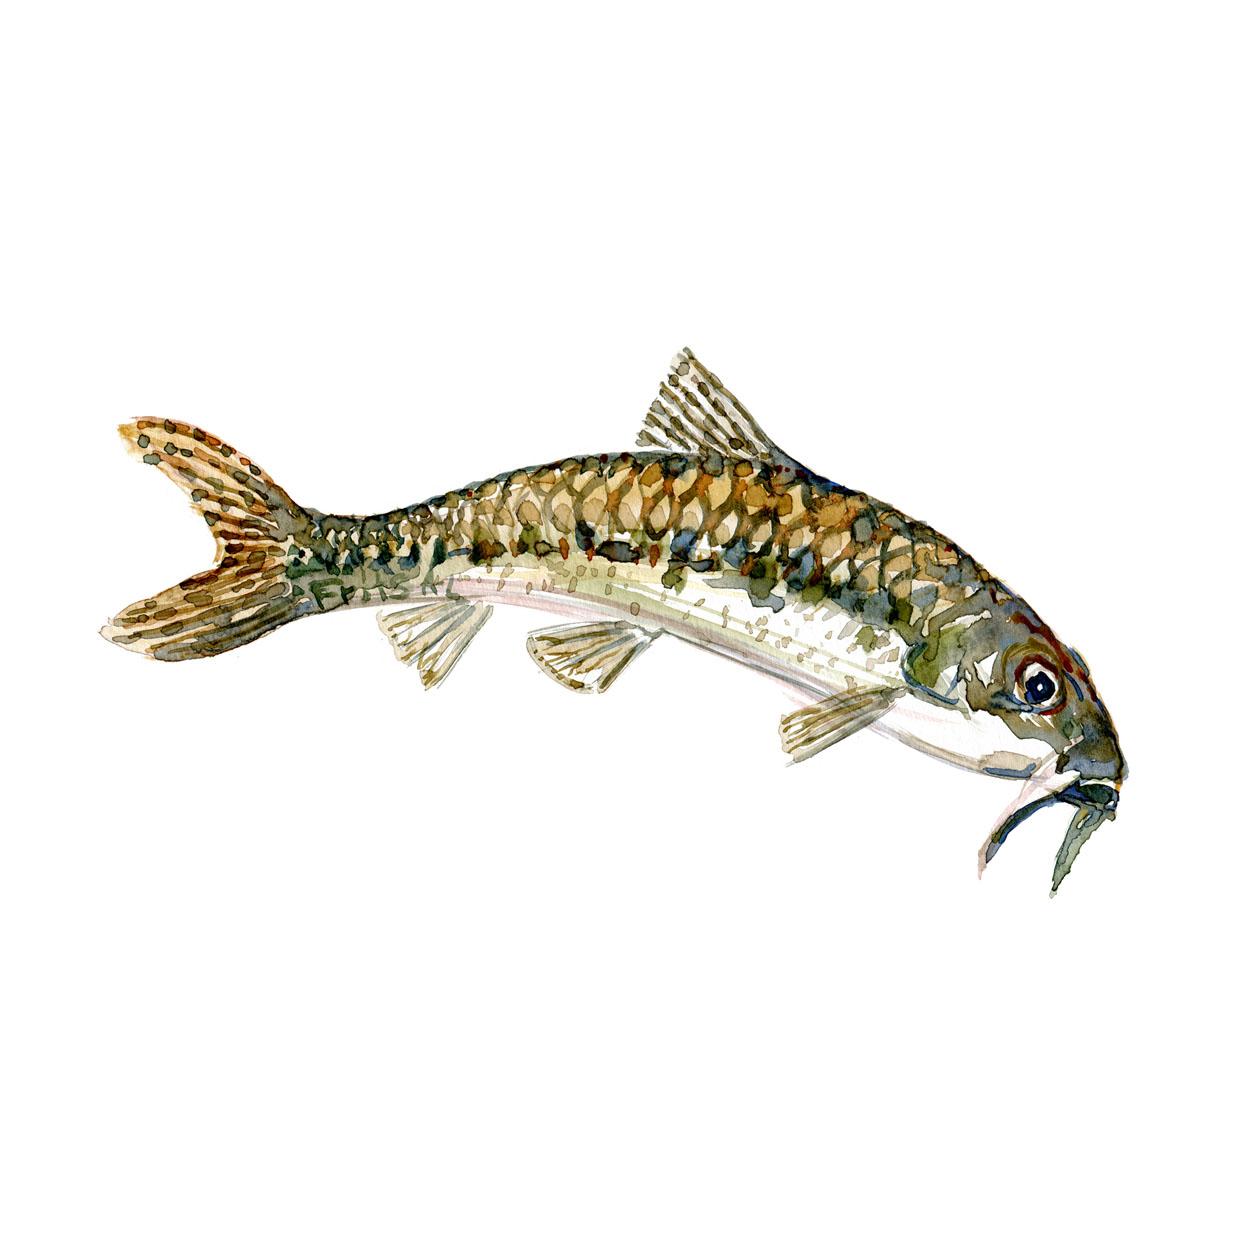 Grundling Ferskvandsfisk og biodiversitet i Danmark Akvarel af Frits Ahlefeldt